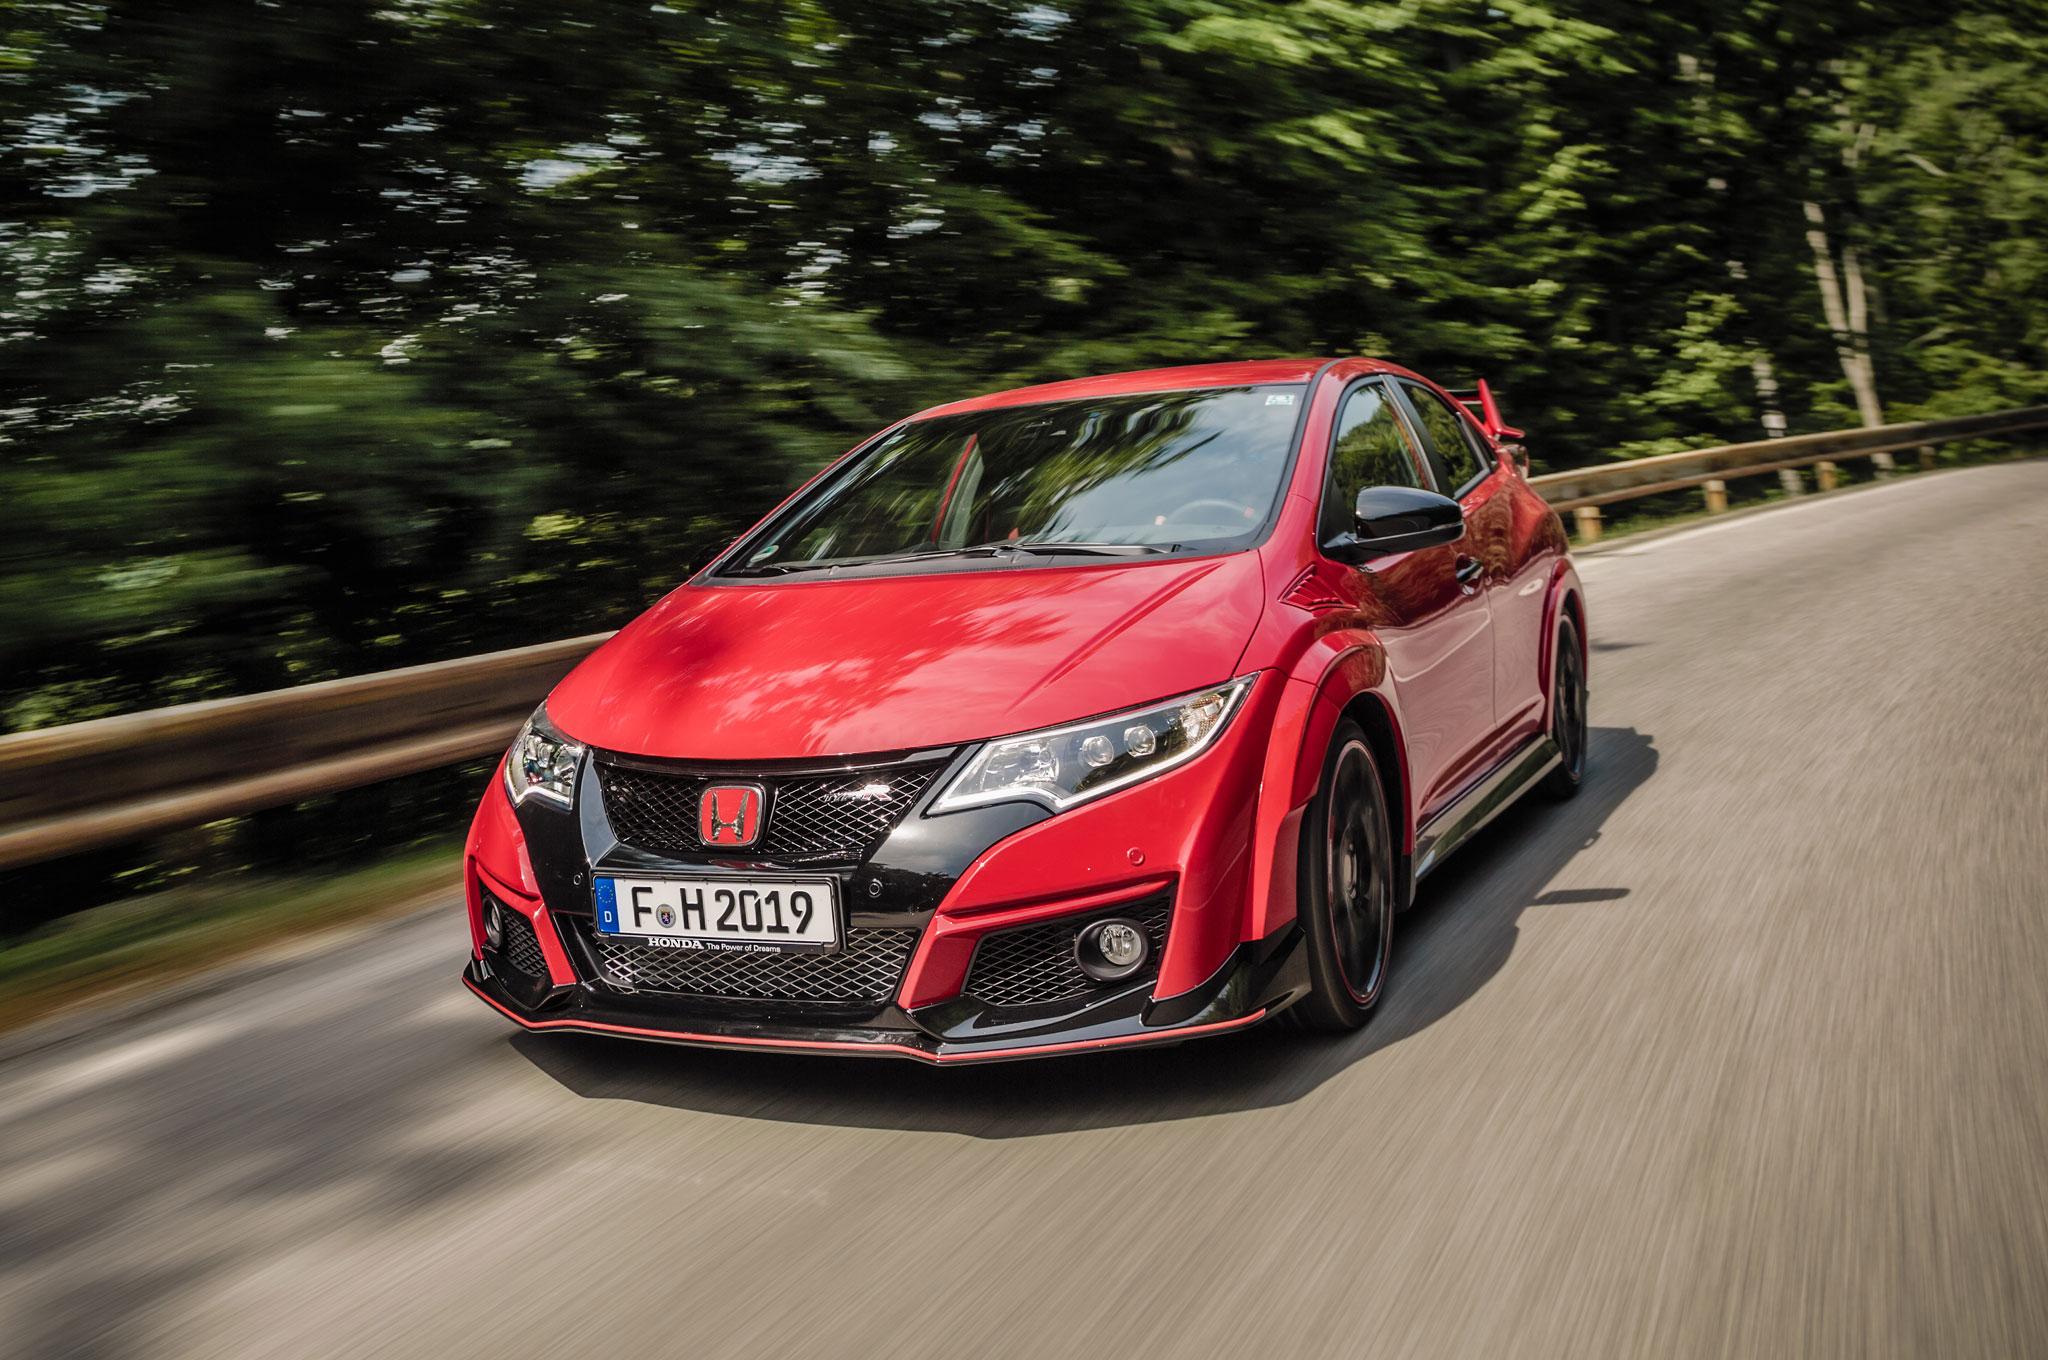 2015 Honda Civic Type R European-Spec Review